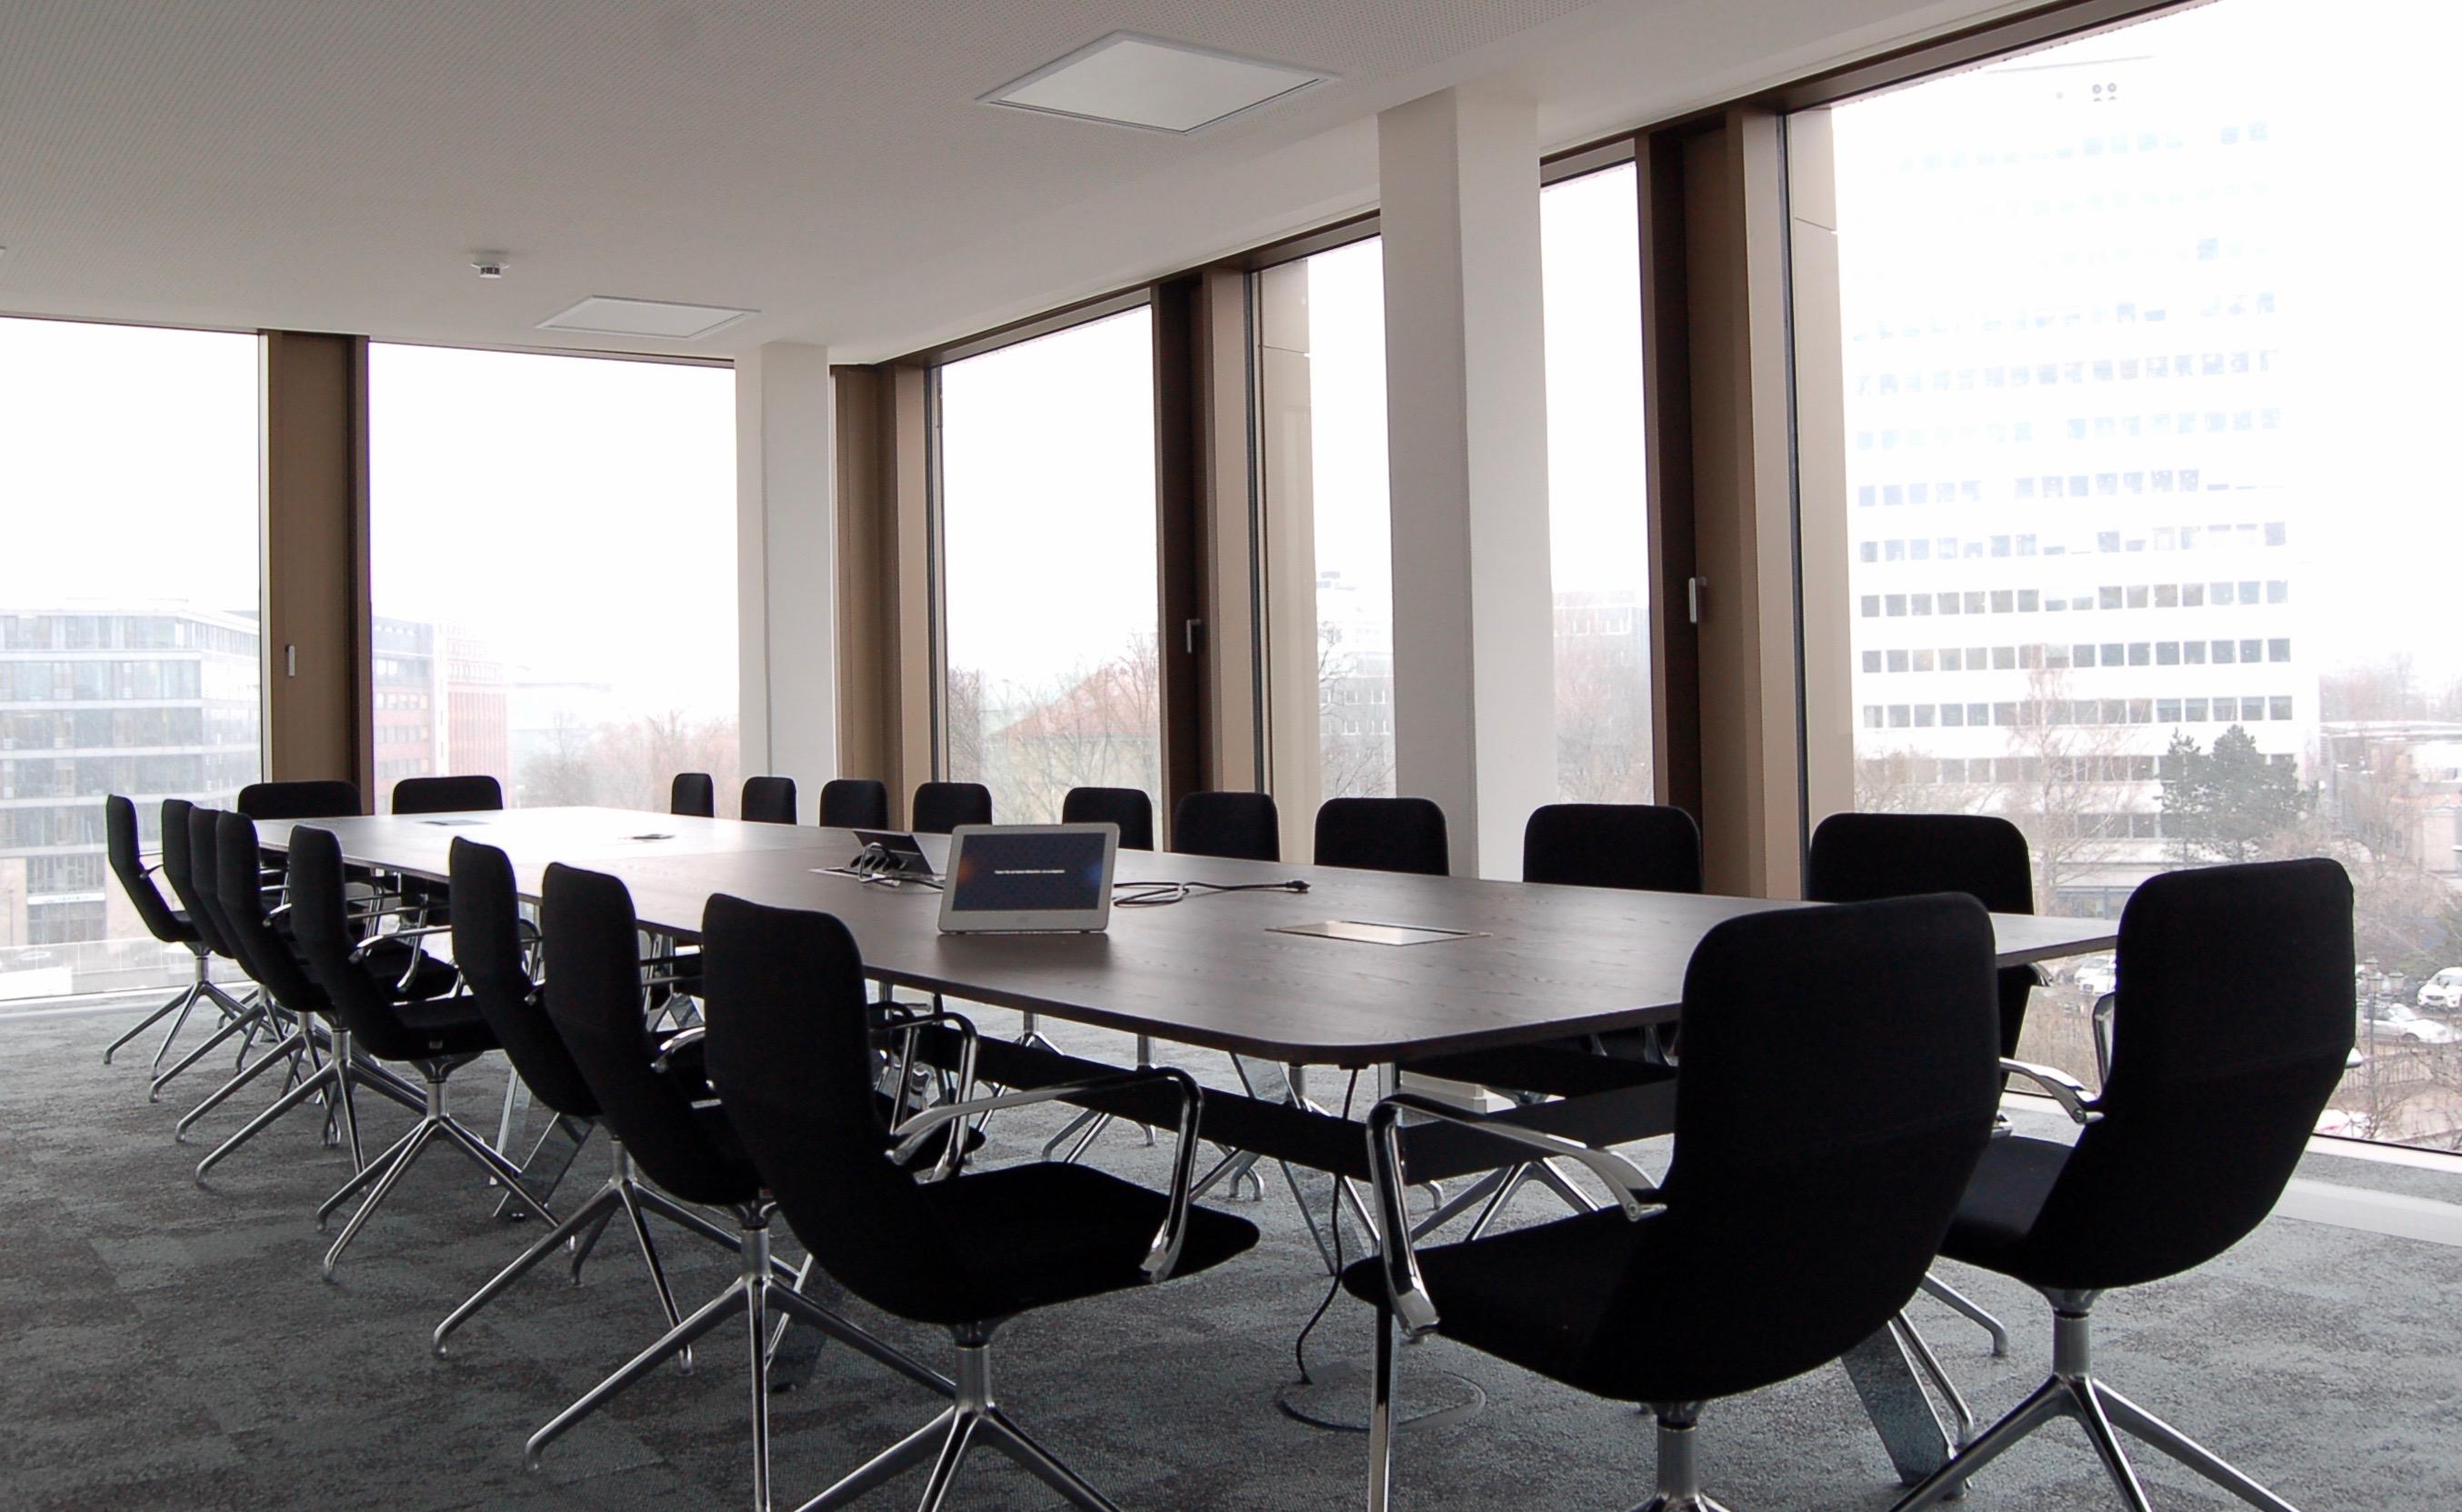 Der verglaste Konferenzraum bietet Platz für mehr als 20 Personen.